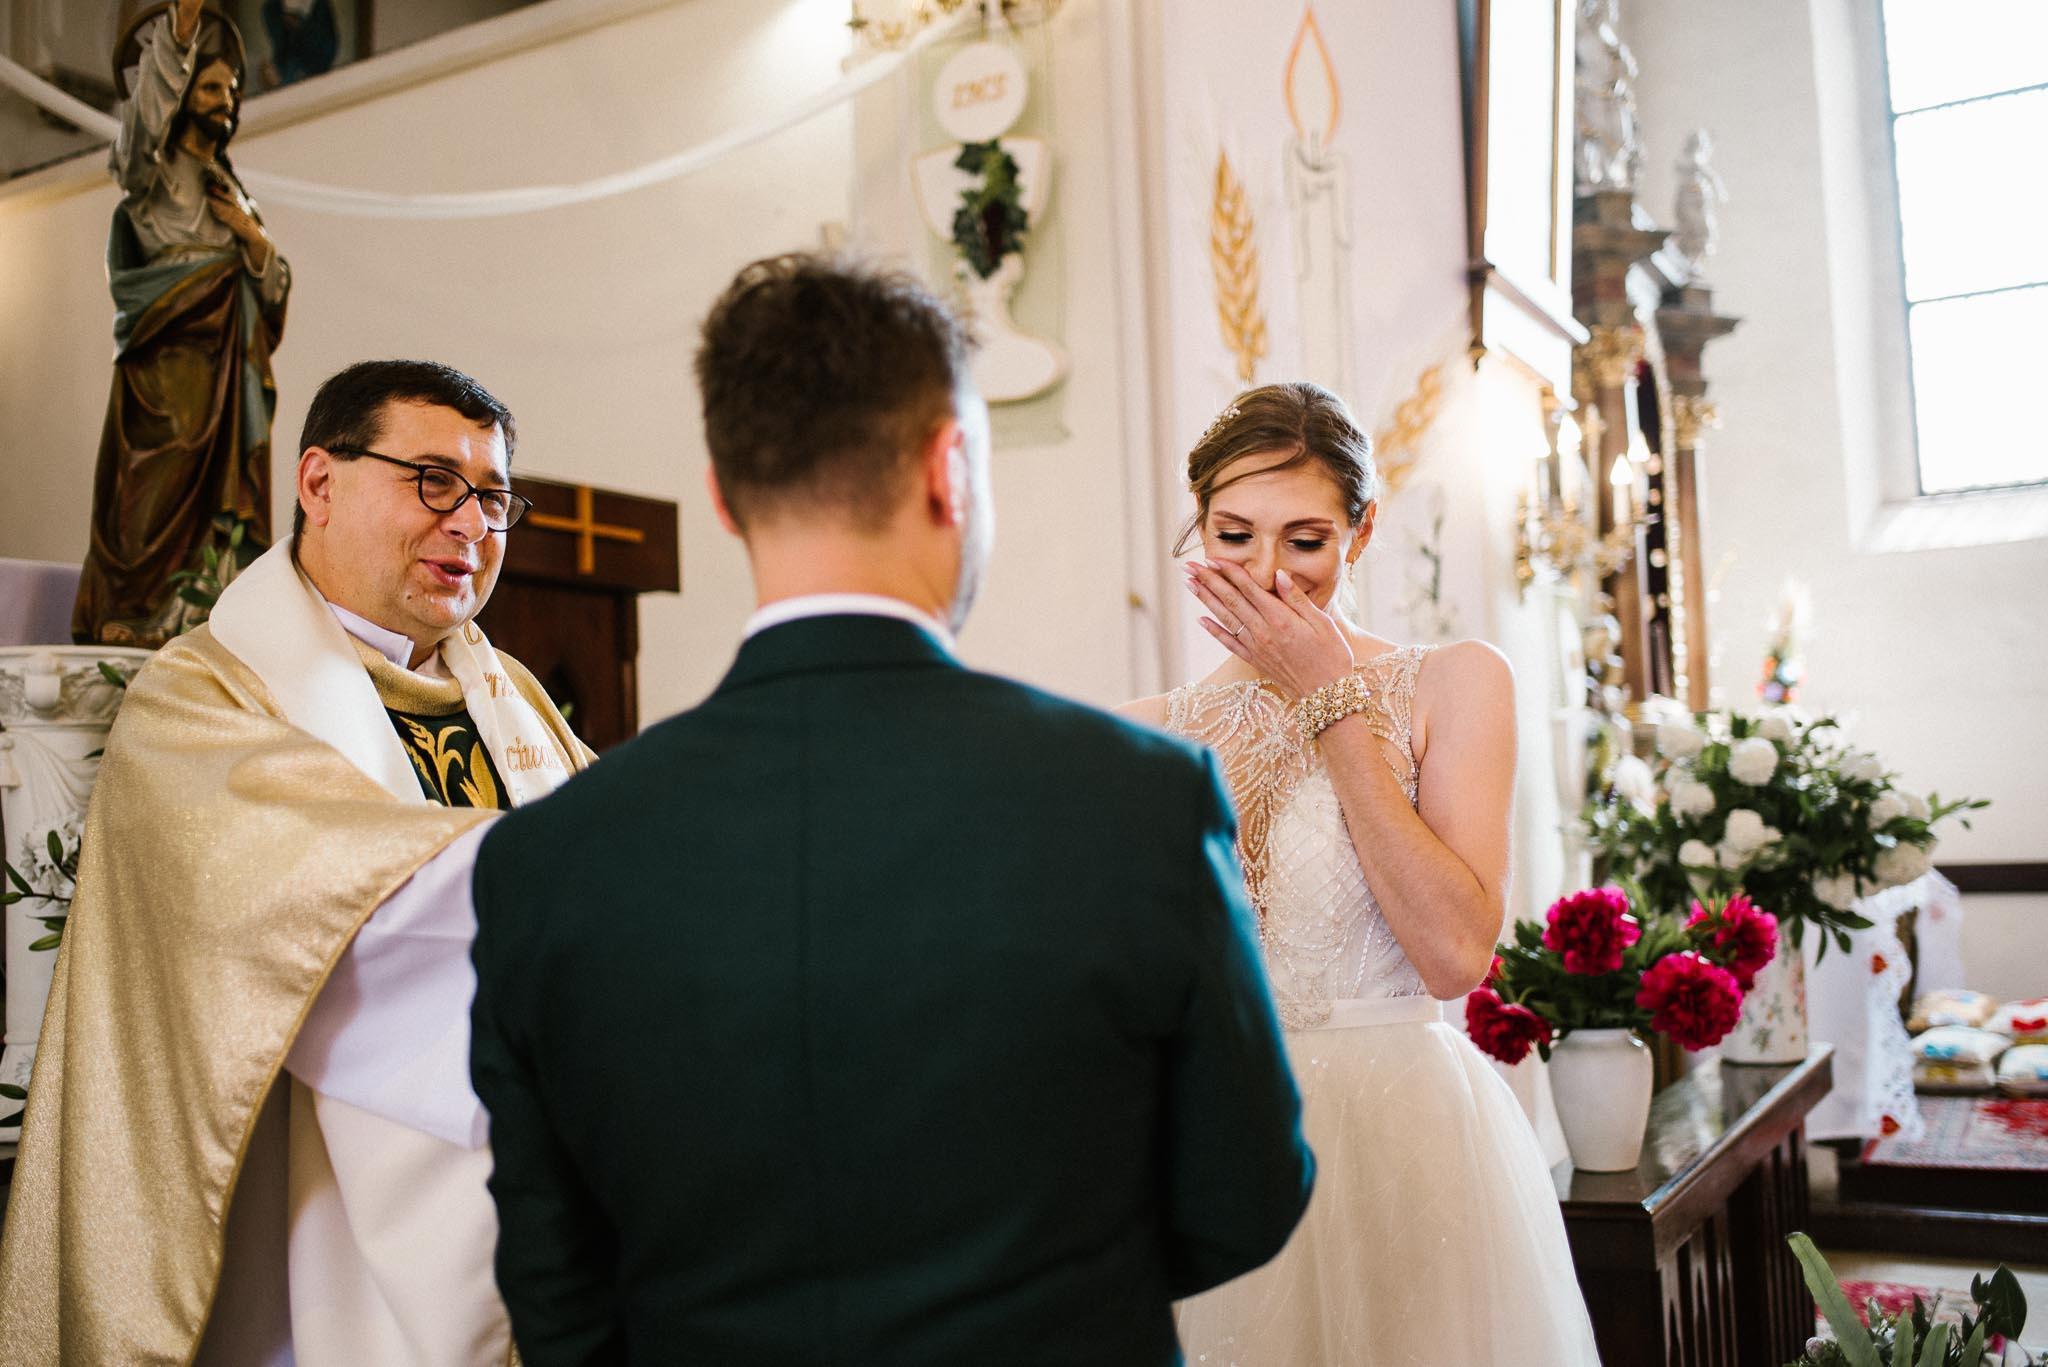 Panna młoda wzrusza się podczas przysięgi małżeńskiej -  ślub w Stodole Bojanowo